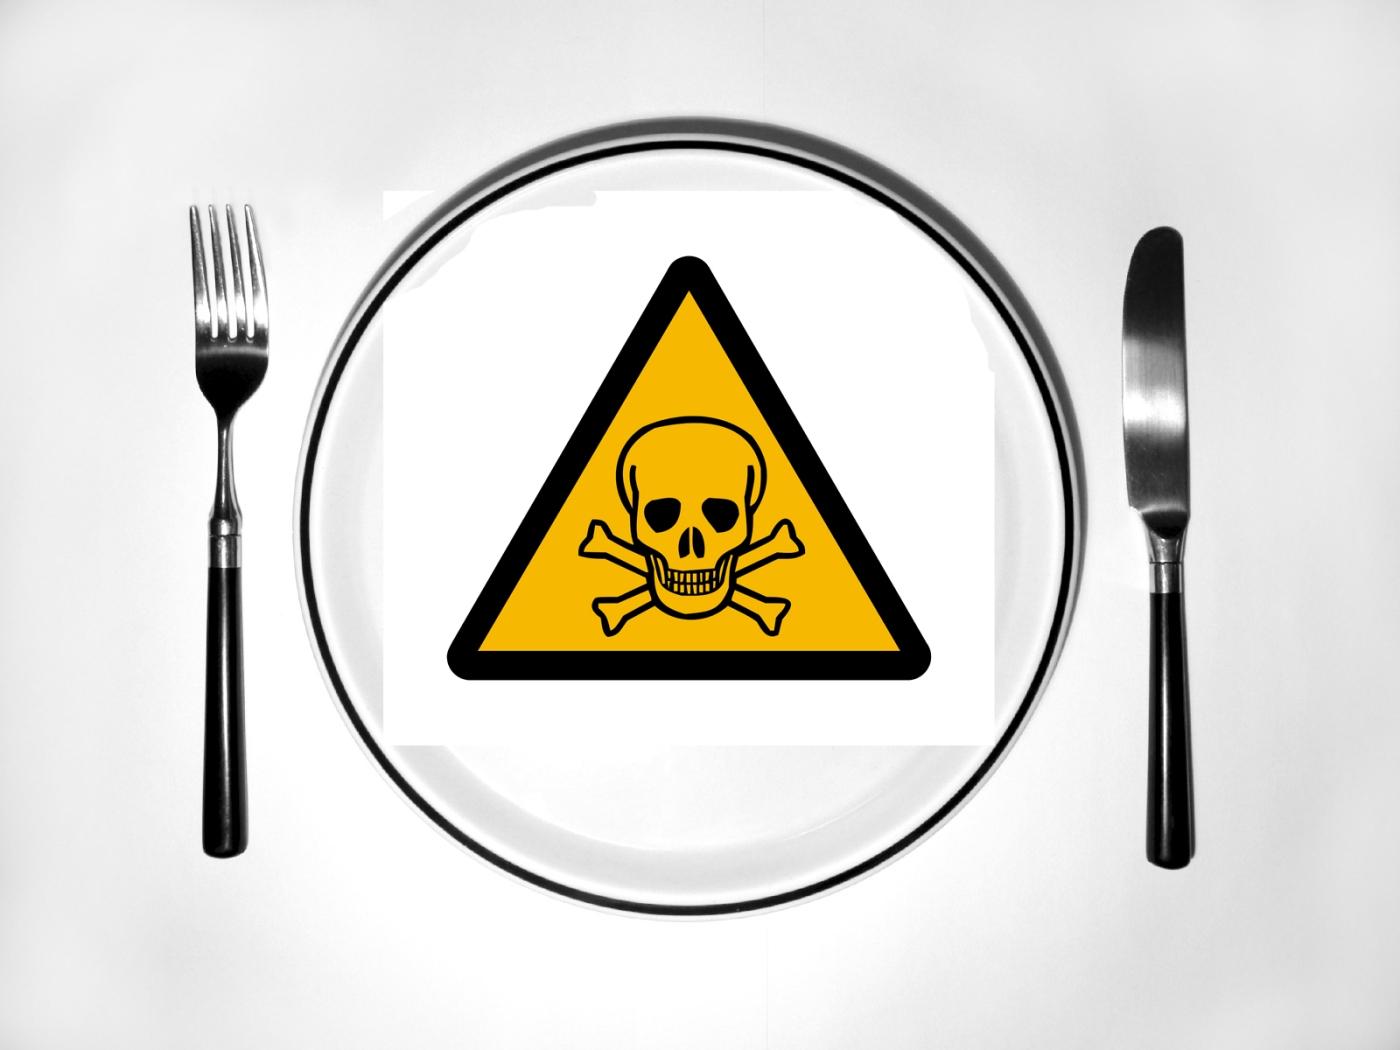 OGM, Glyphosate : que nous cache notre assiette ?  En savoir plus sur RT France : https://francais.rt.com/documentaires/55741-ogm-glyphosate-que-nous-cache-notre-assiette dans Ecologie